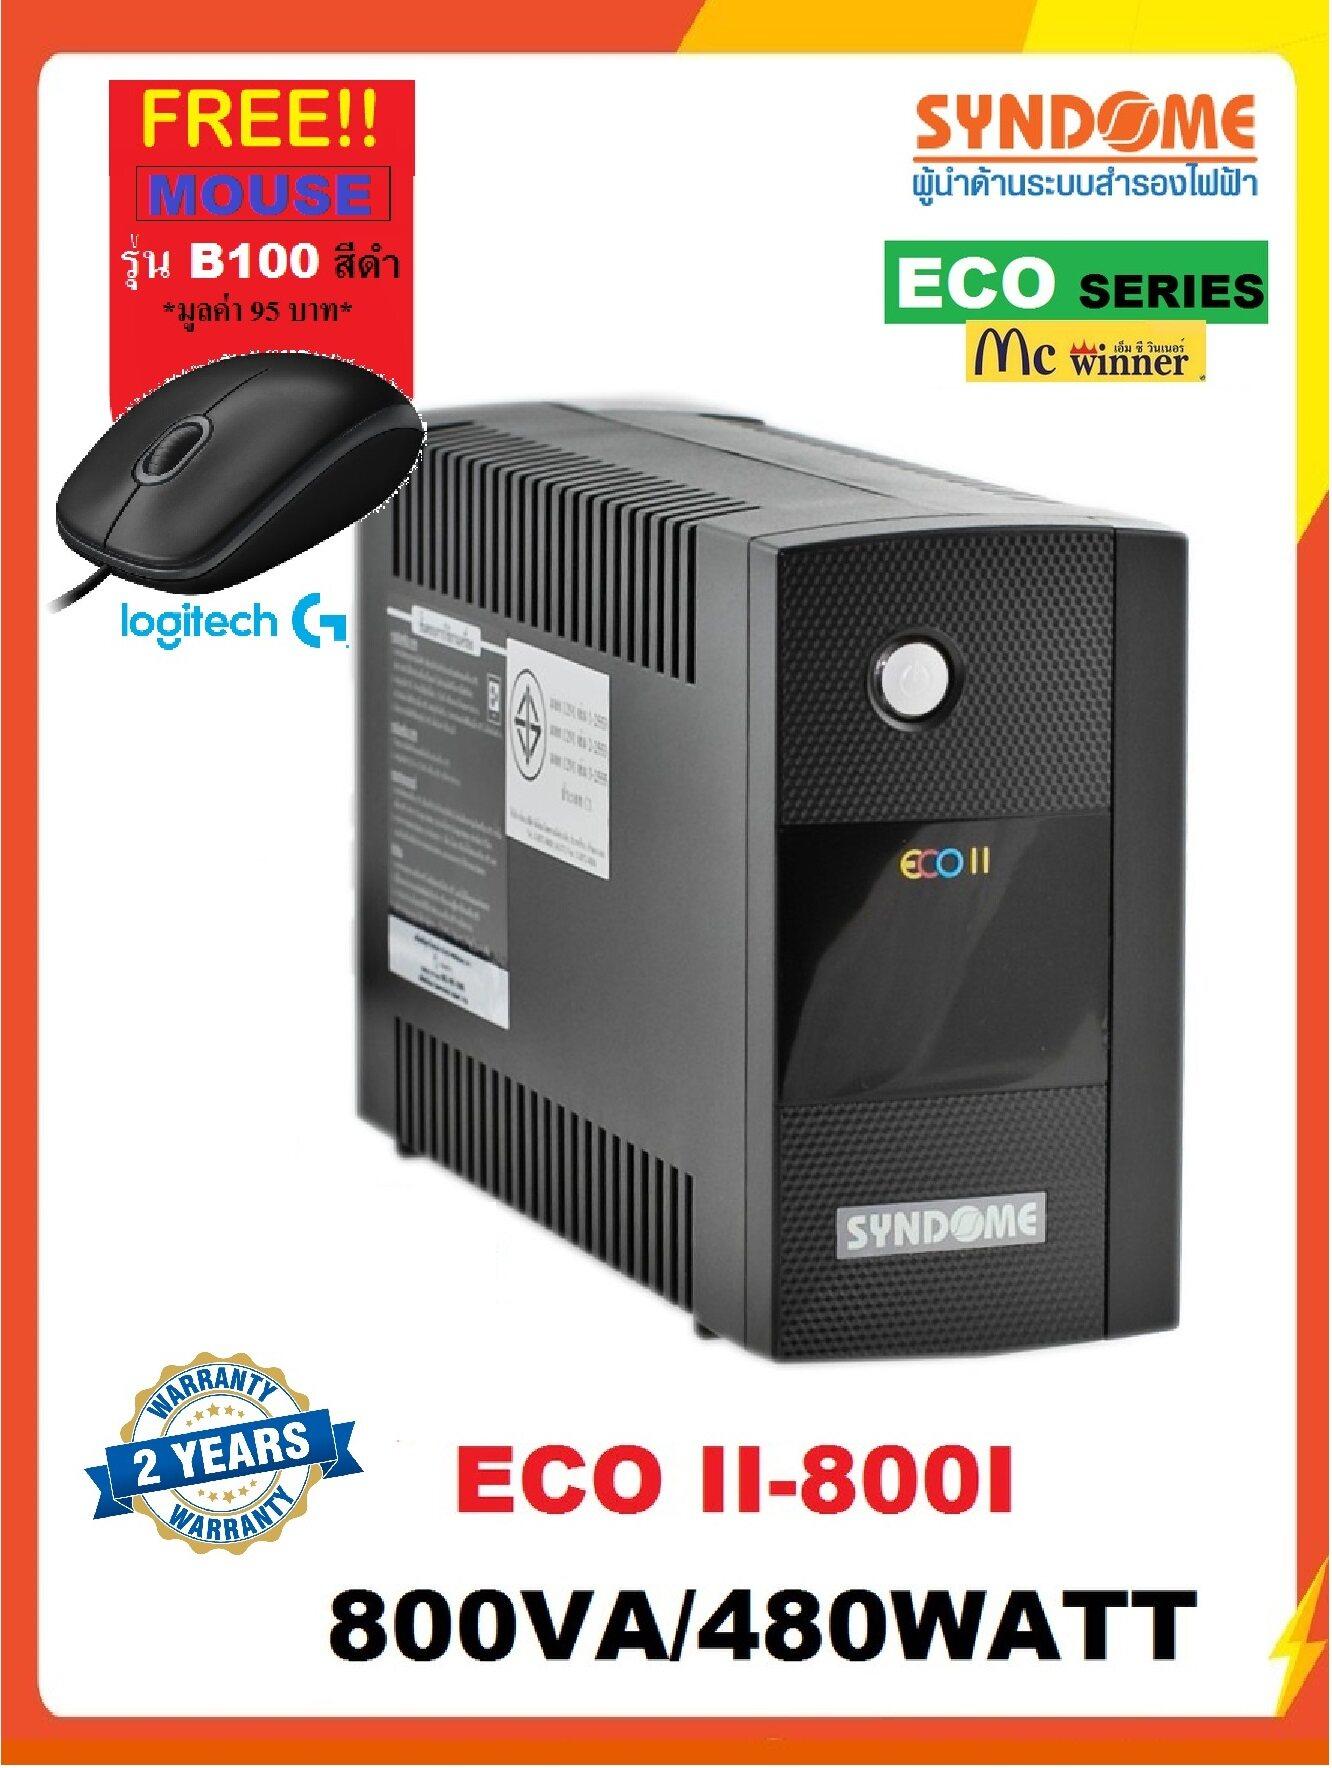 (แถมฟรี!! Mouse Logitech รุ่น B100(สีดำ) มูลค่า 95 บาท) เมื่อซื้อ Ups (เครื่องสำรองไฟฟ้า) 600va Syndome Eco Ii-800i - ประกัน 2 ปี.